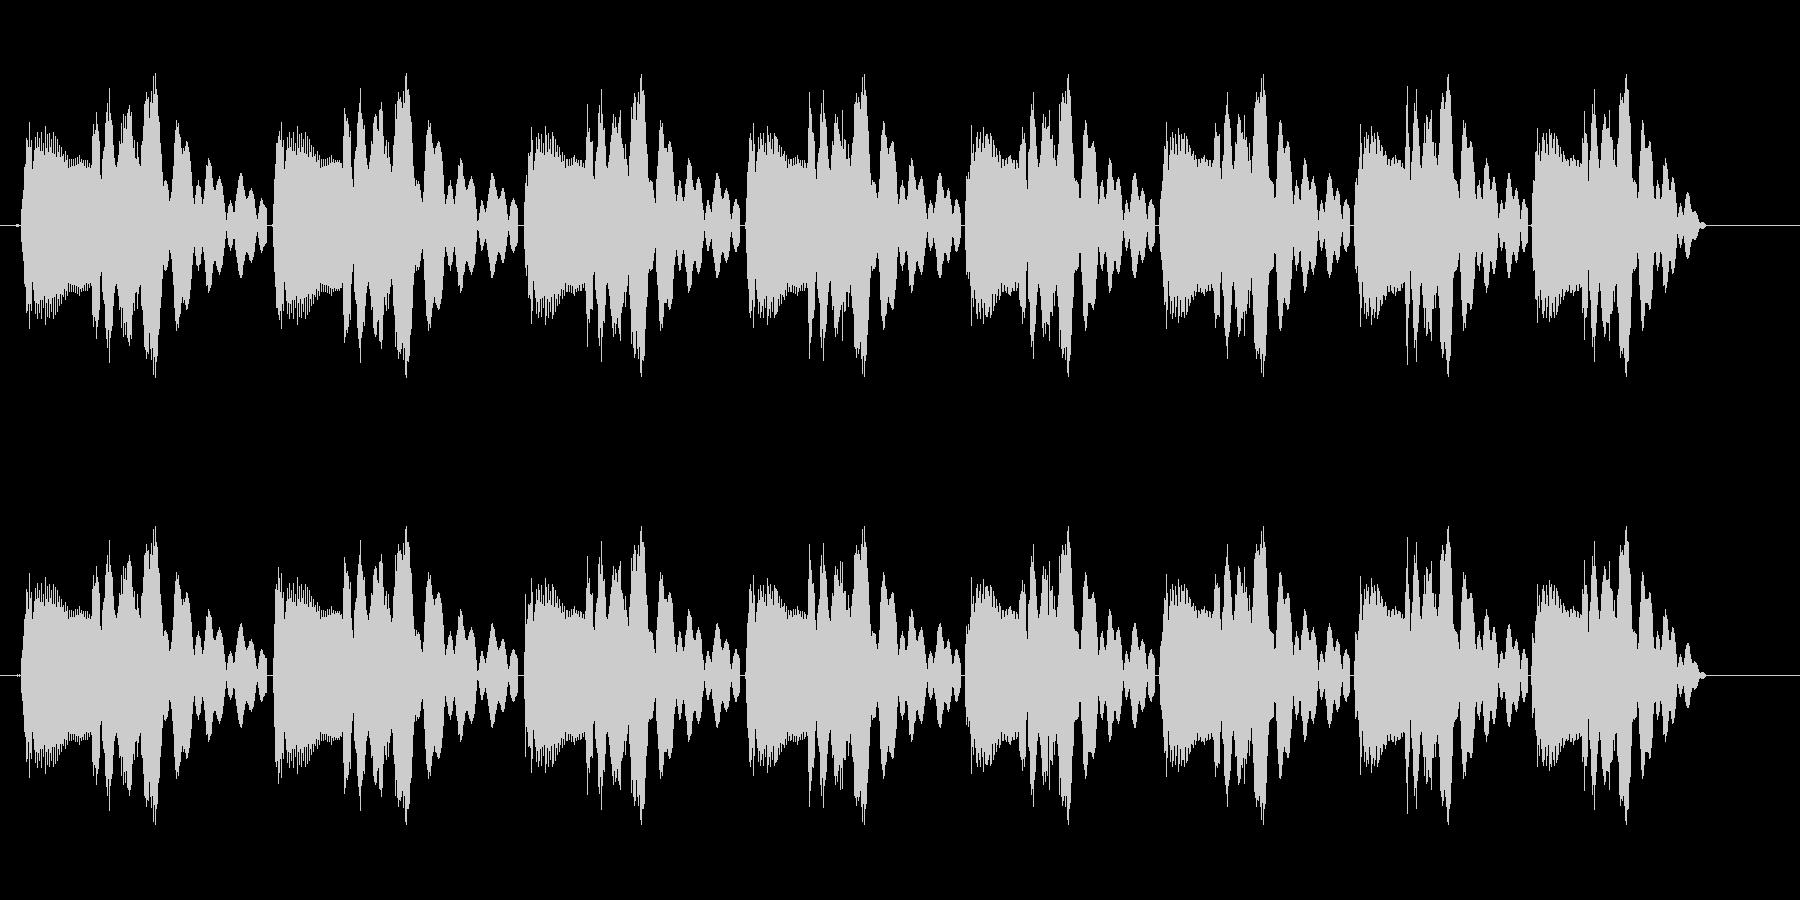 ピヨピヨピヨ(転がるようなコミカルな音)の未再生の波形